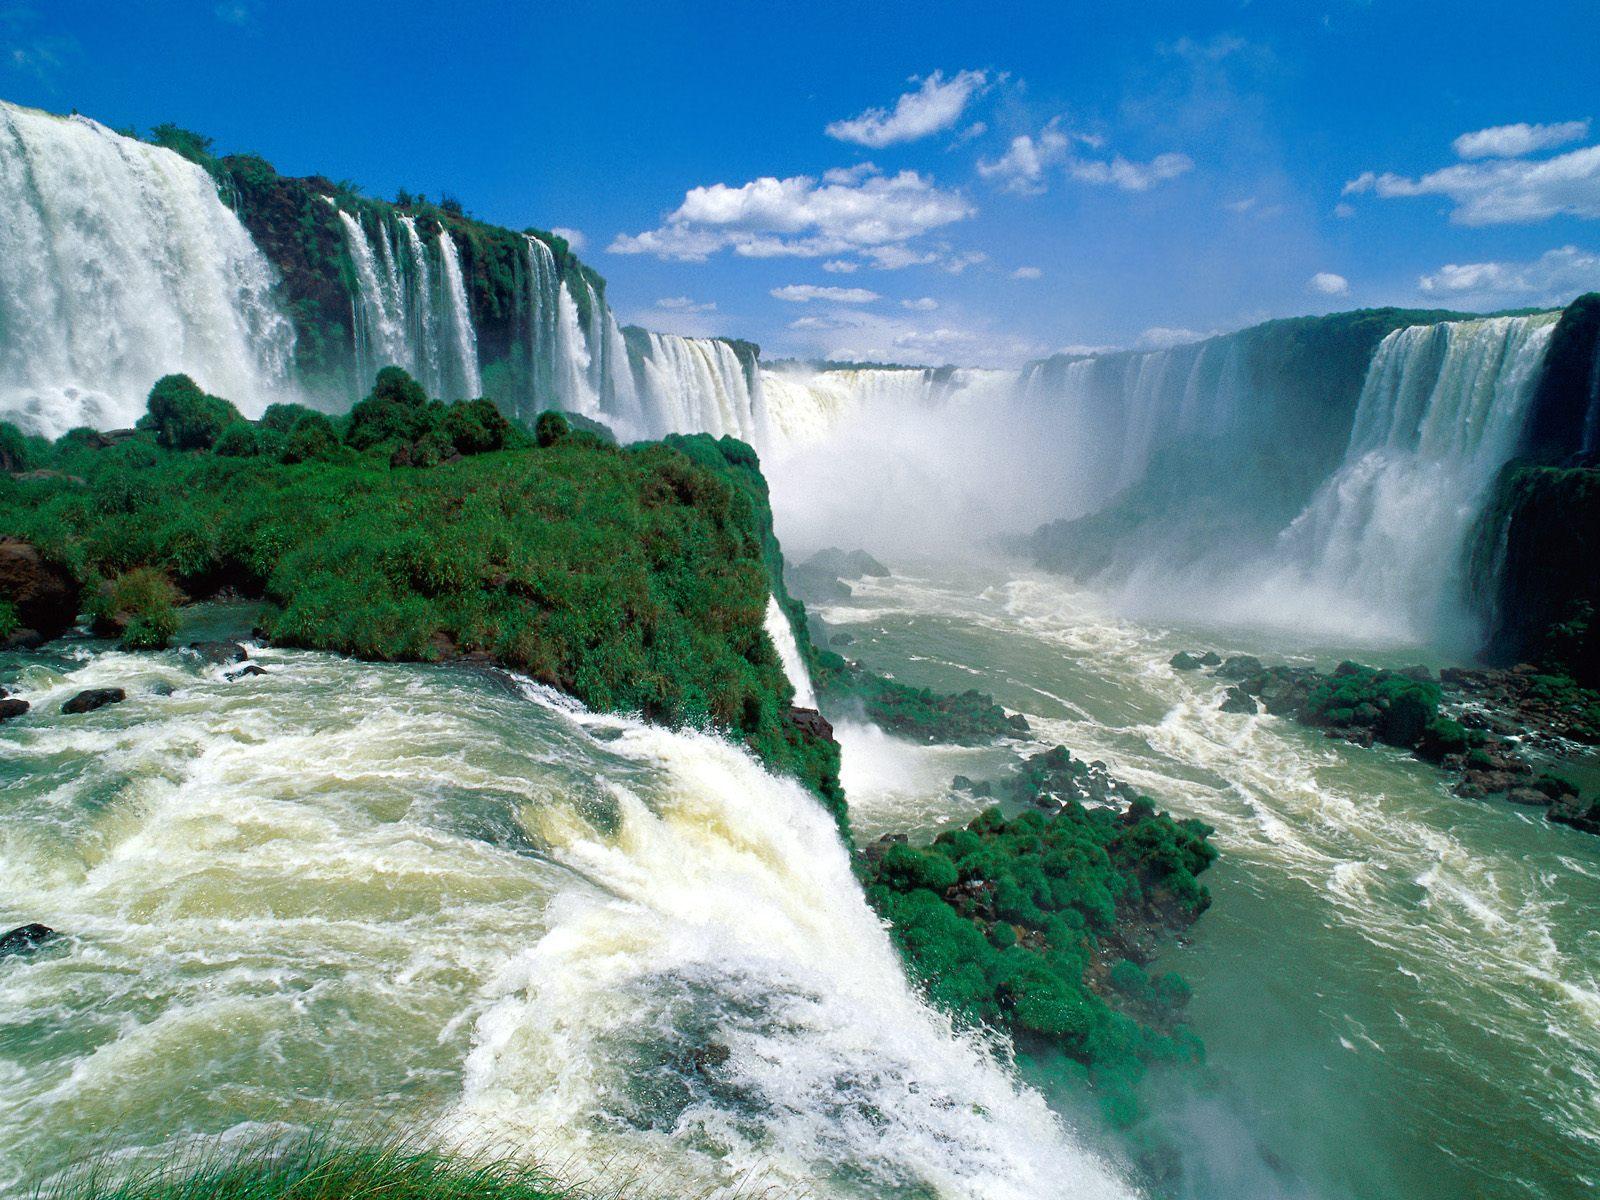 http://1.bp.blogspot.com/-J3YdDazhFxk/T3GQBN-L8VI/AAAAAAAAIW4/5UqyuVbqg2s/s1600/Iguassu+Falls,+Brazil.jpg